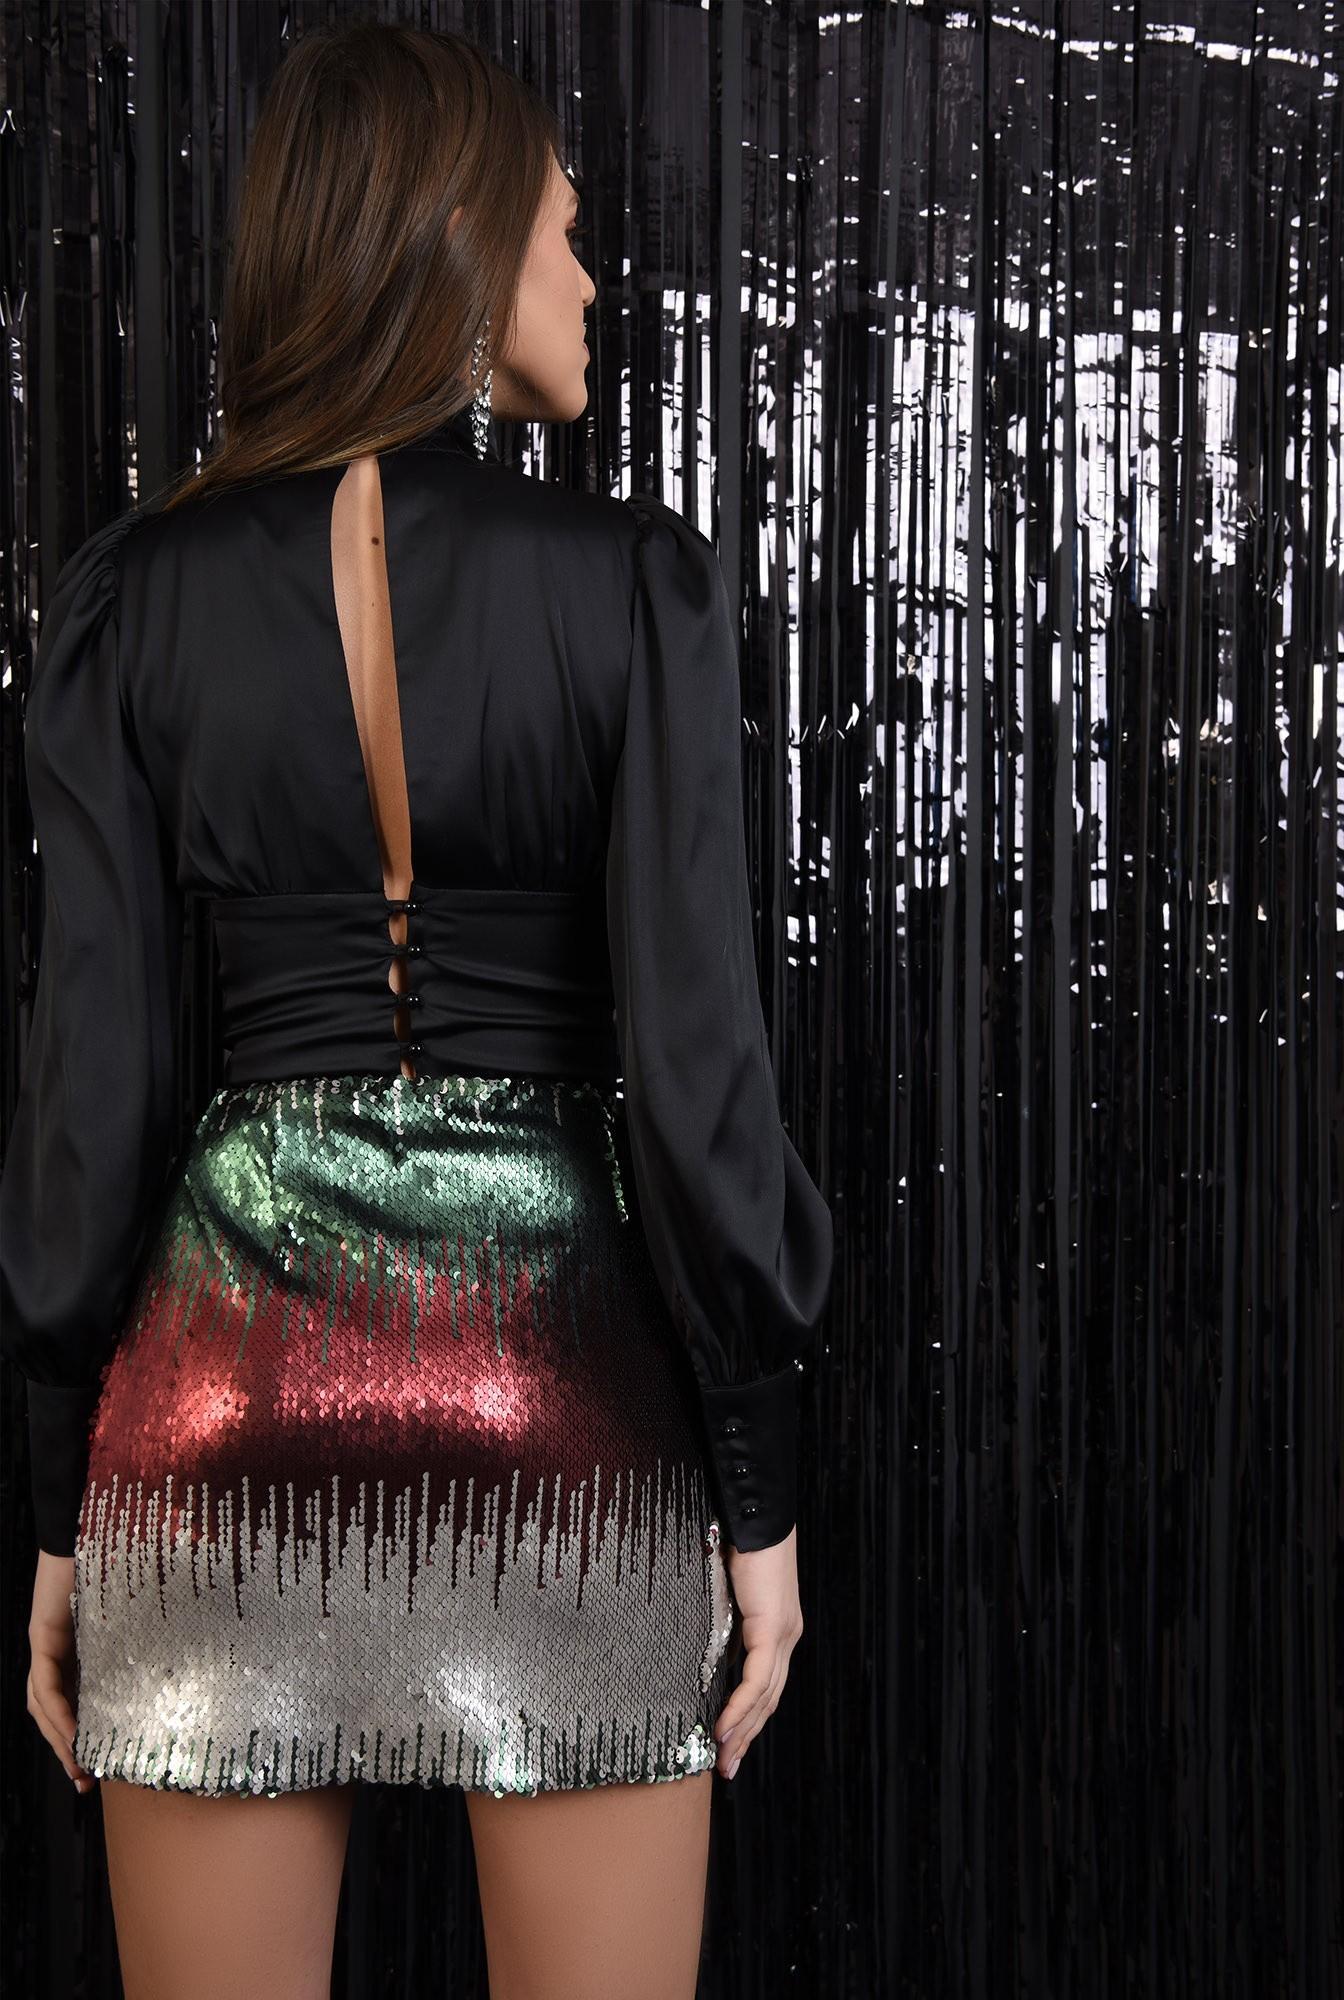 1 - fusta eleganta, paiete multicolore, scurta, croi drept